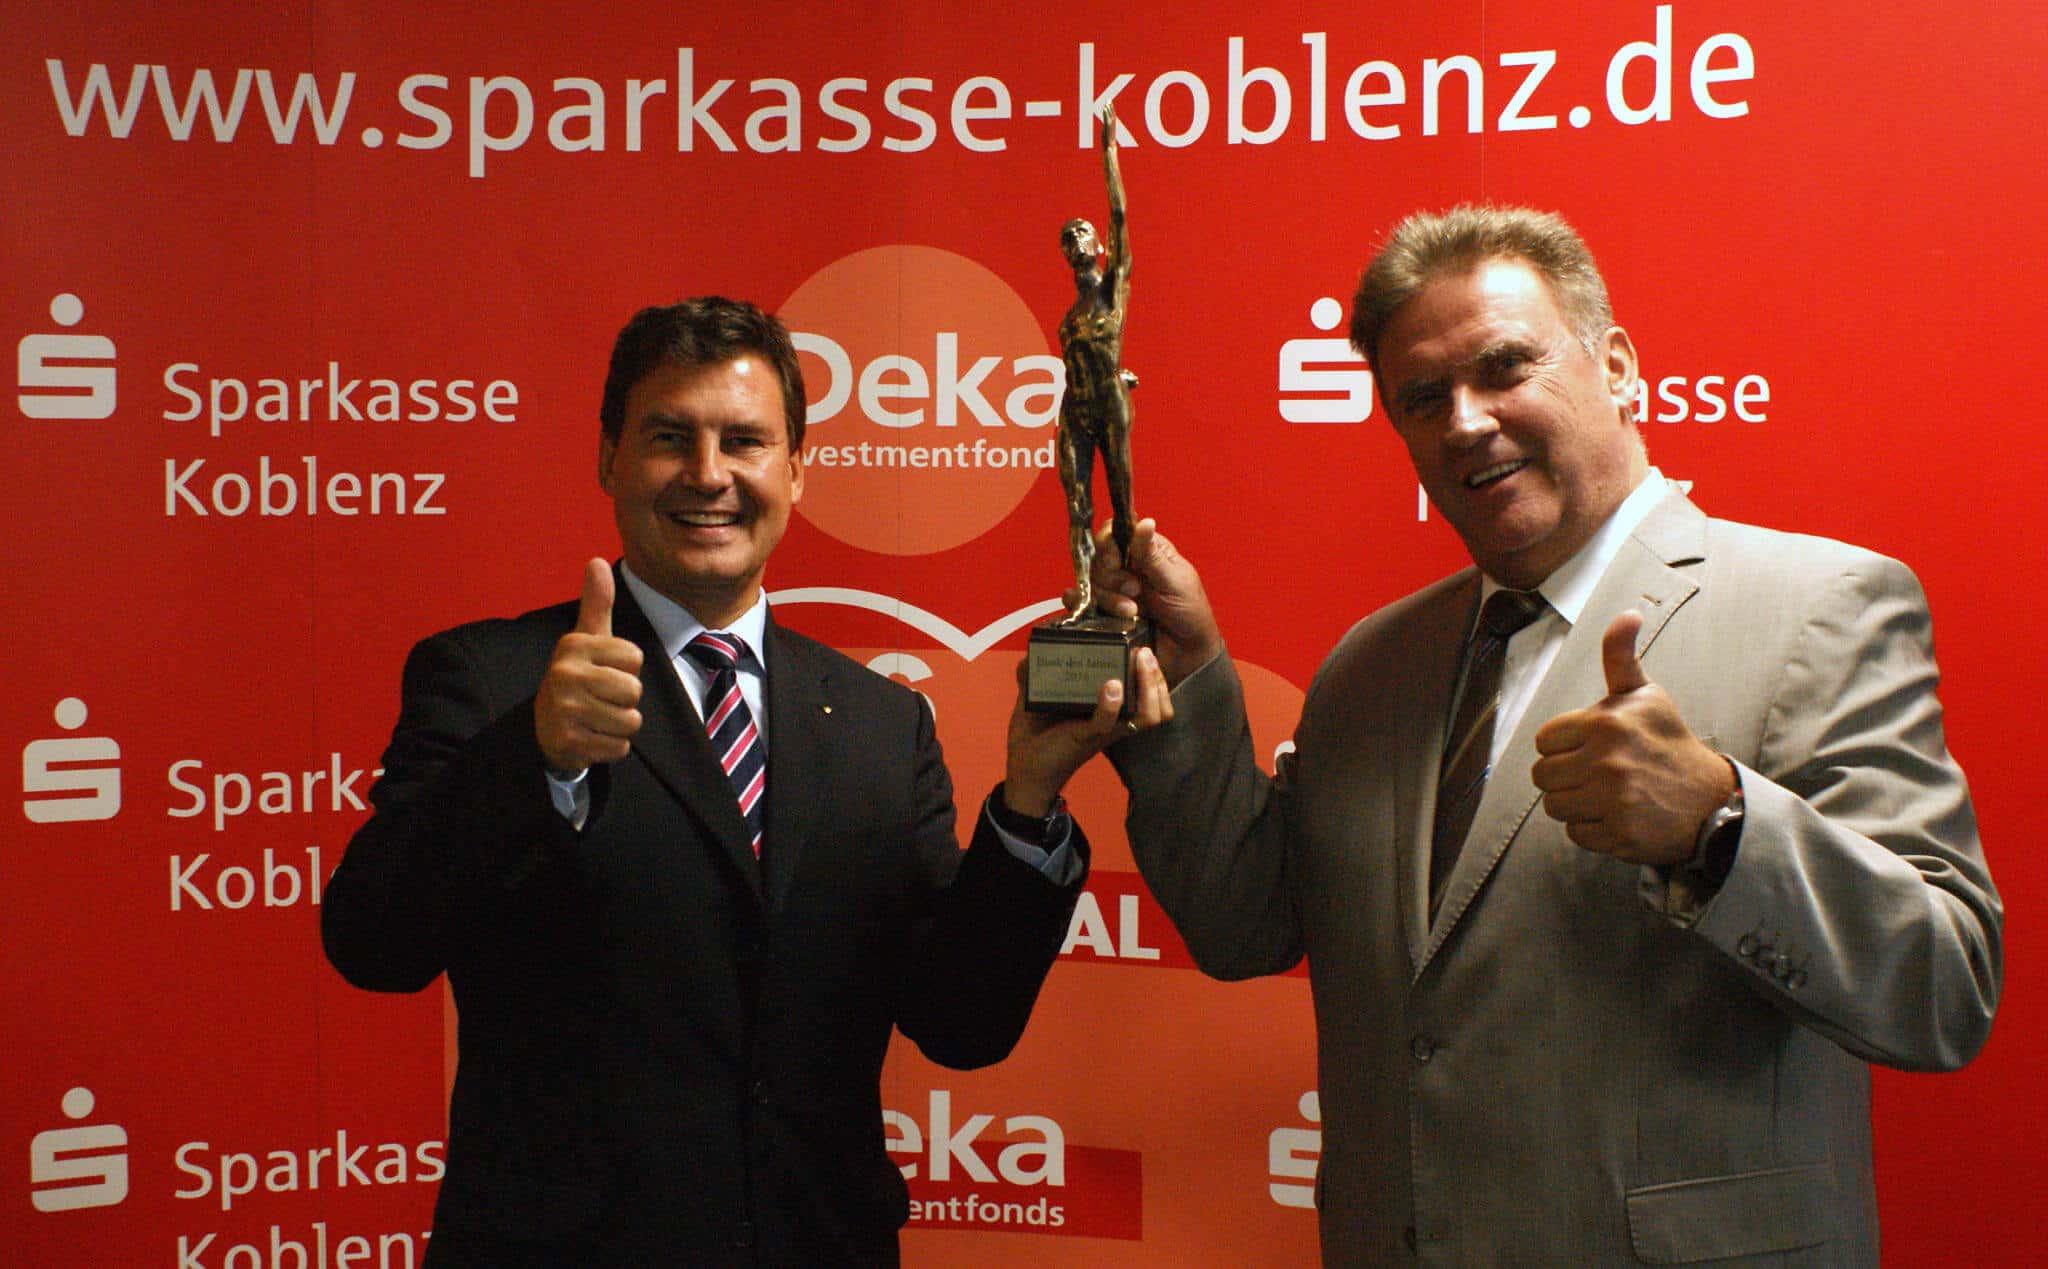 """Freuen sich über die Auszeichnung """"Bank des Jahres"""":  v.l. Matthias Nester, Vorsitzender des Vorstandes und Ernst Josef Lehrer, stv. Vorsitzender des Vorstandes der Sparkasse Koblenz."""